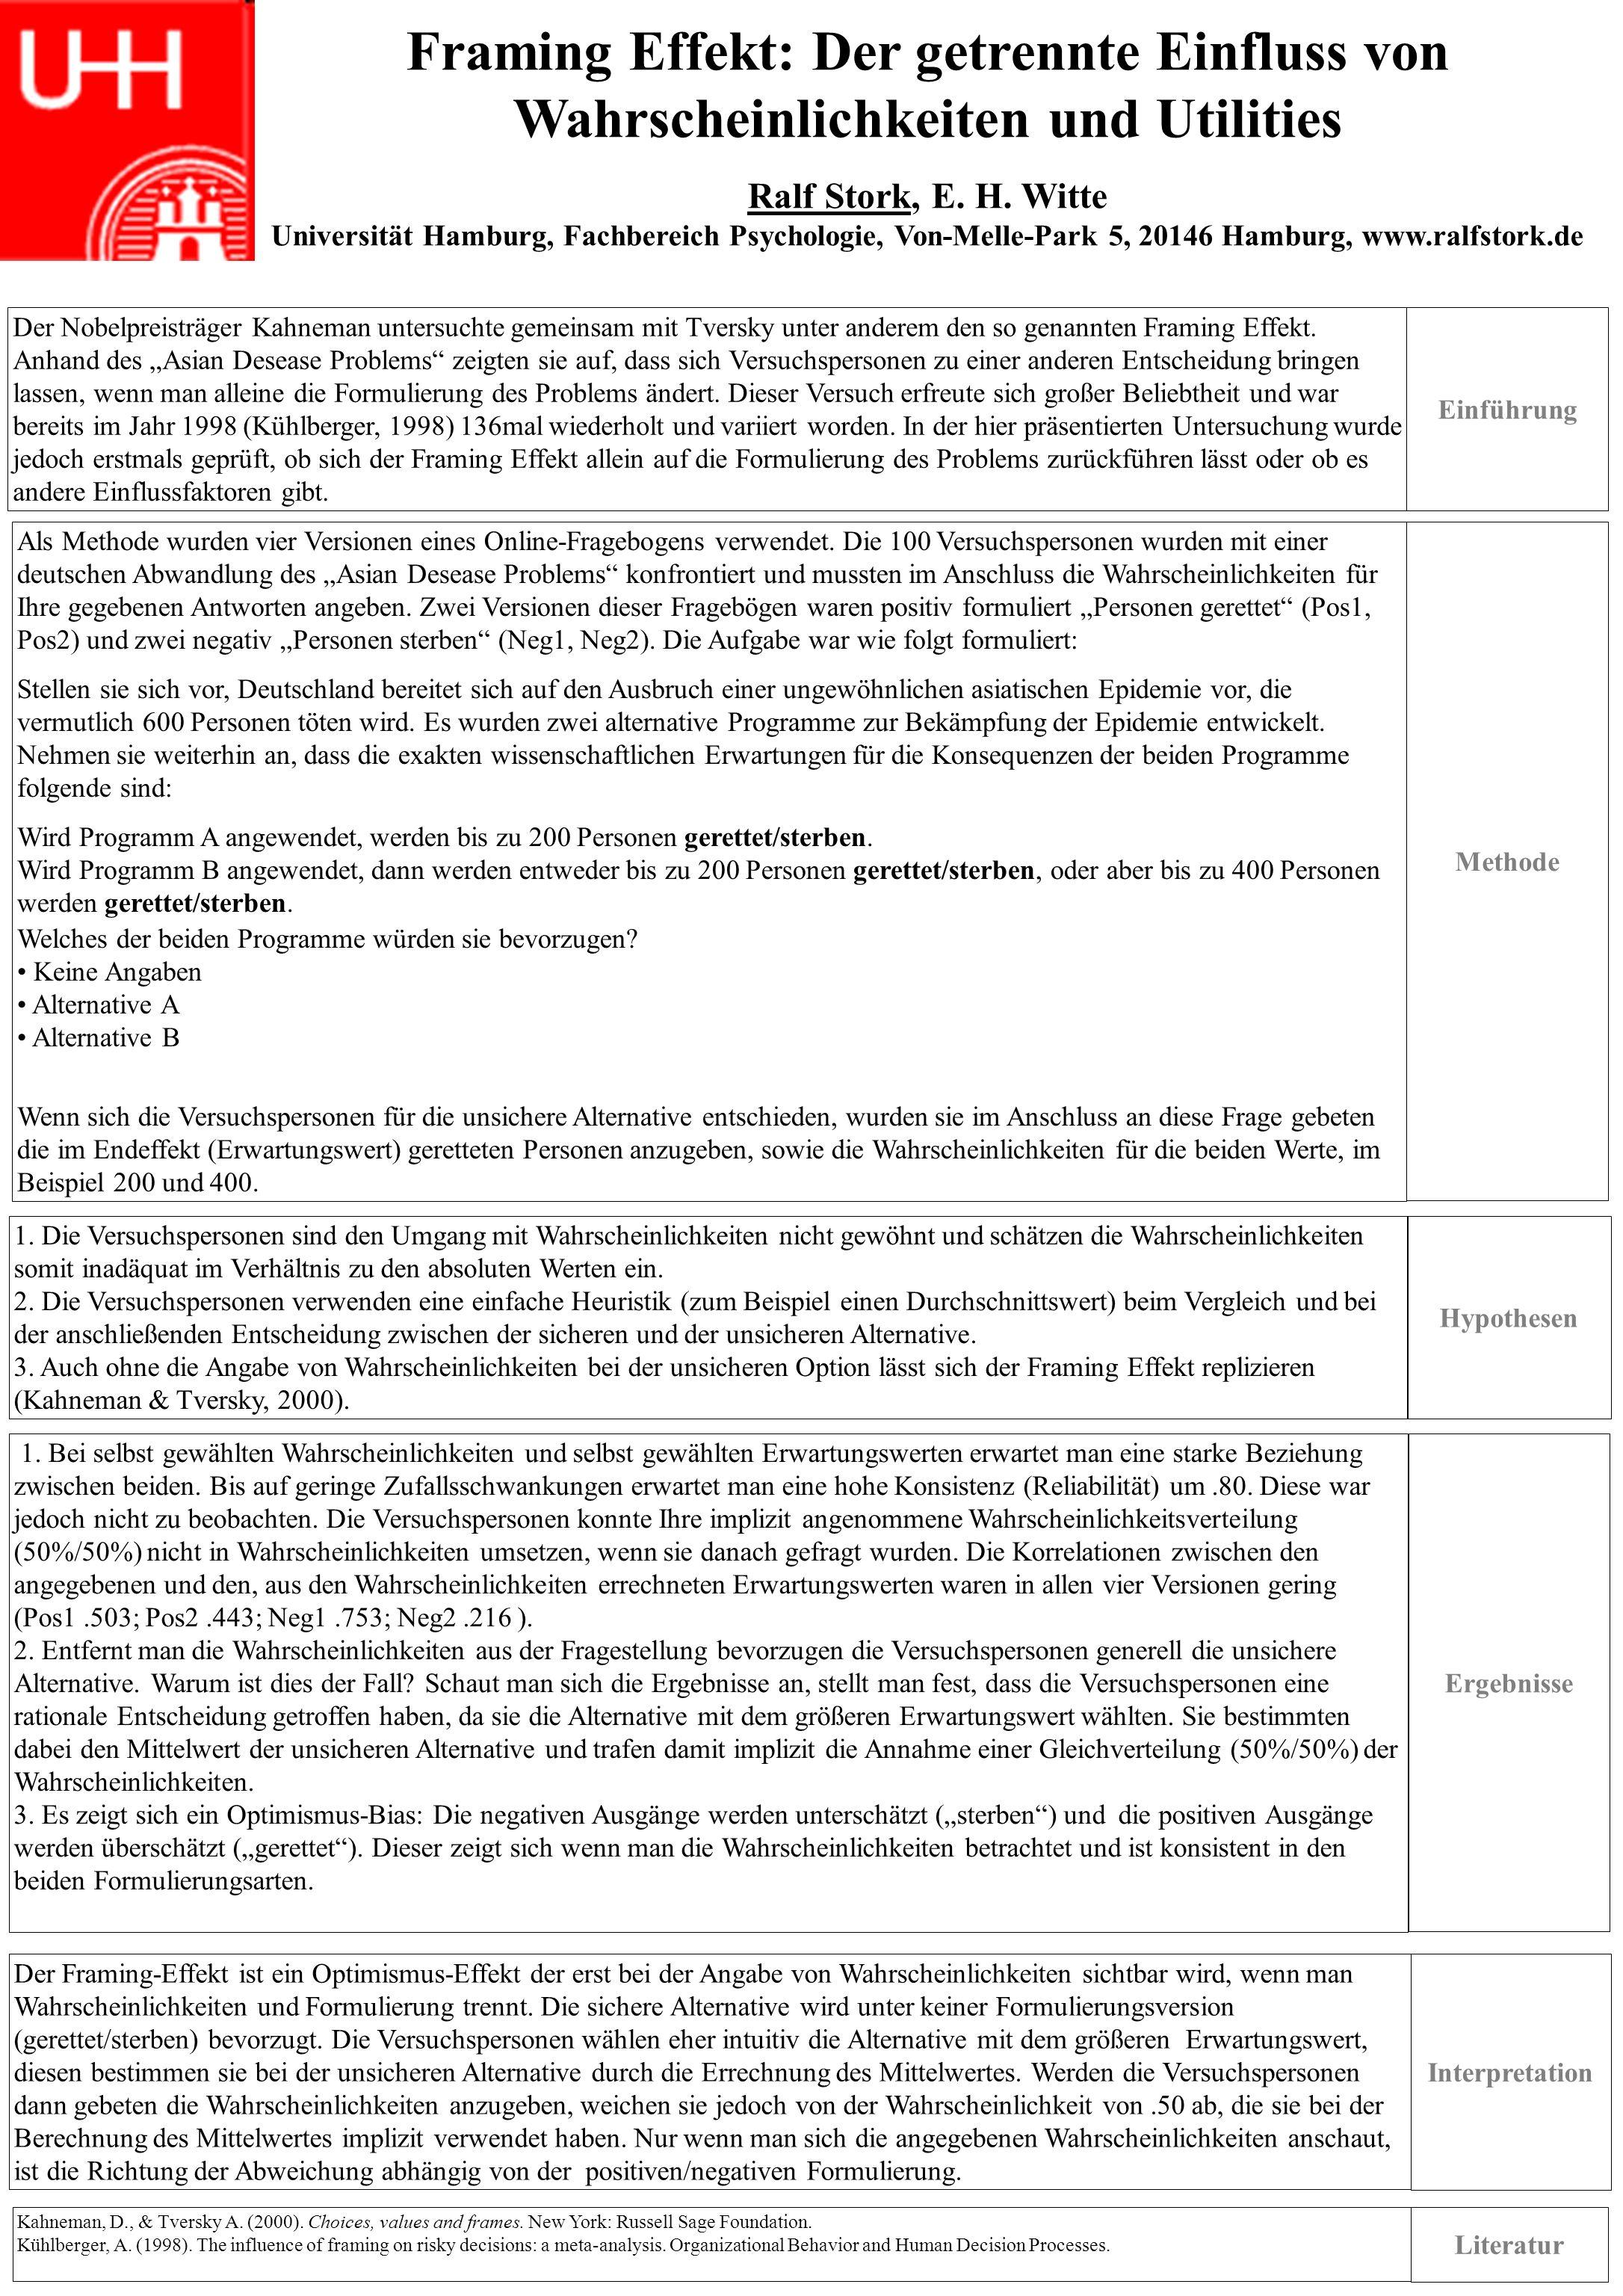 Framing Effekt: Der getrennte Einfluss von Wahrscheinlichkeiten und Utilities Ralf Stork, E. H. Witte Universität Hamburg, Fachbereich Psychologie, Vo